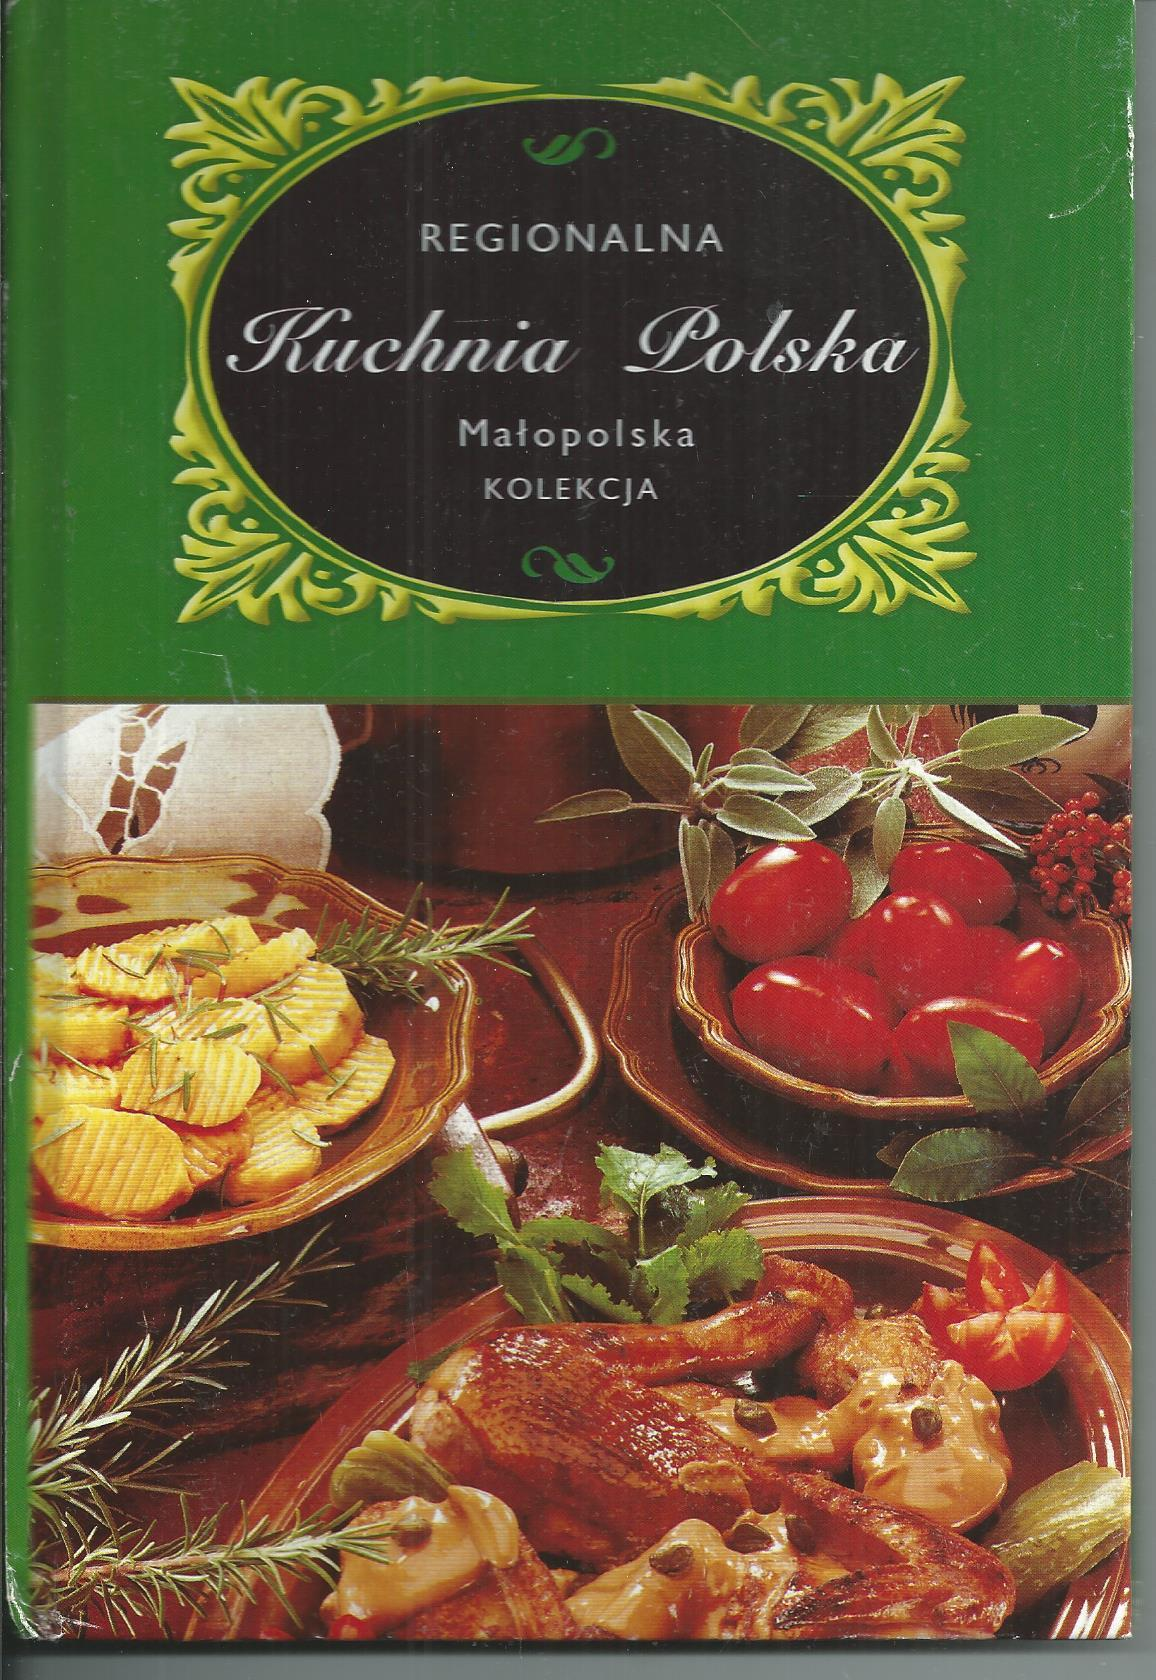 Regionalna Kuchnia Polska Malopolska 7393673553